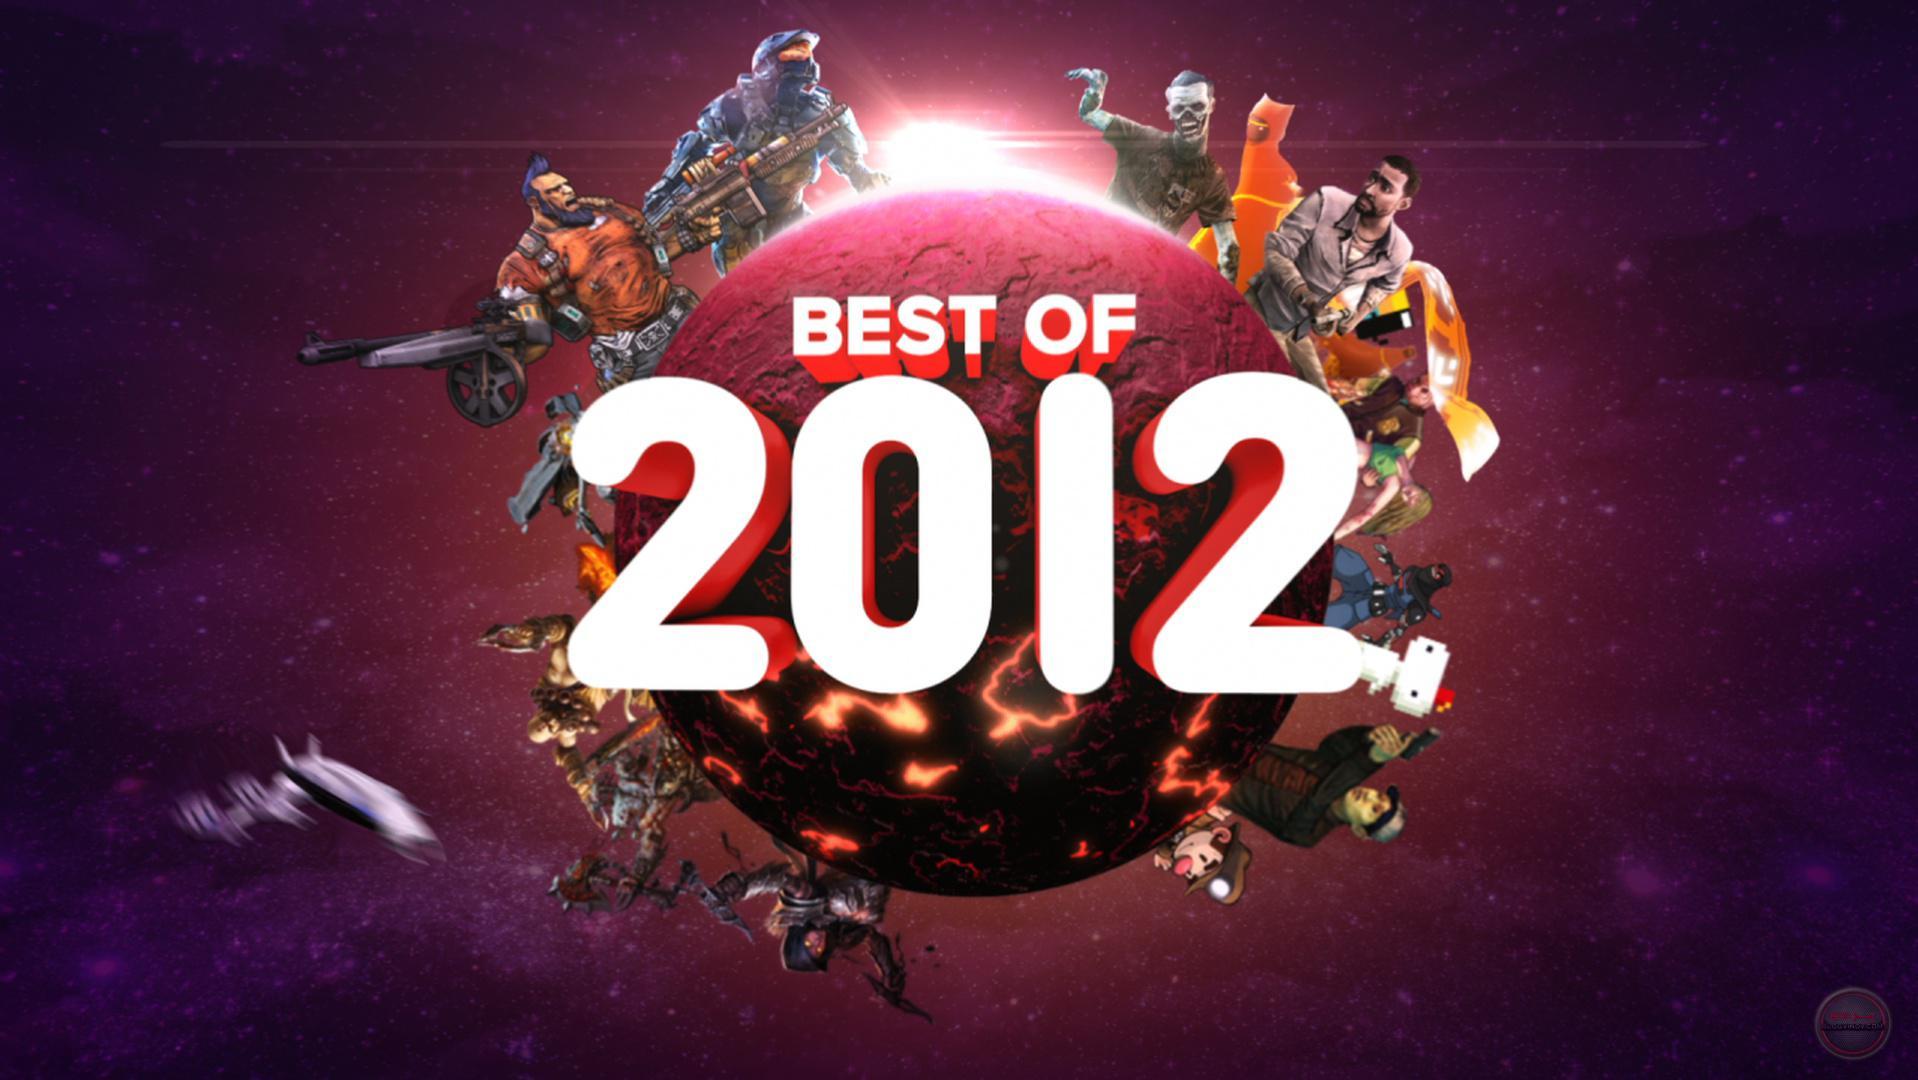 BestOf2012_Bumper